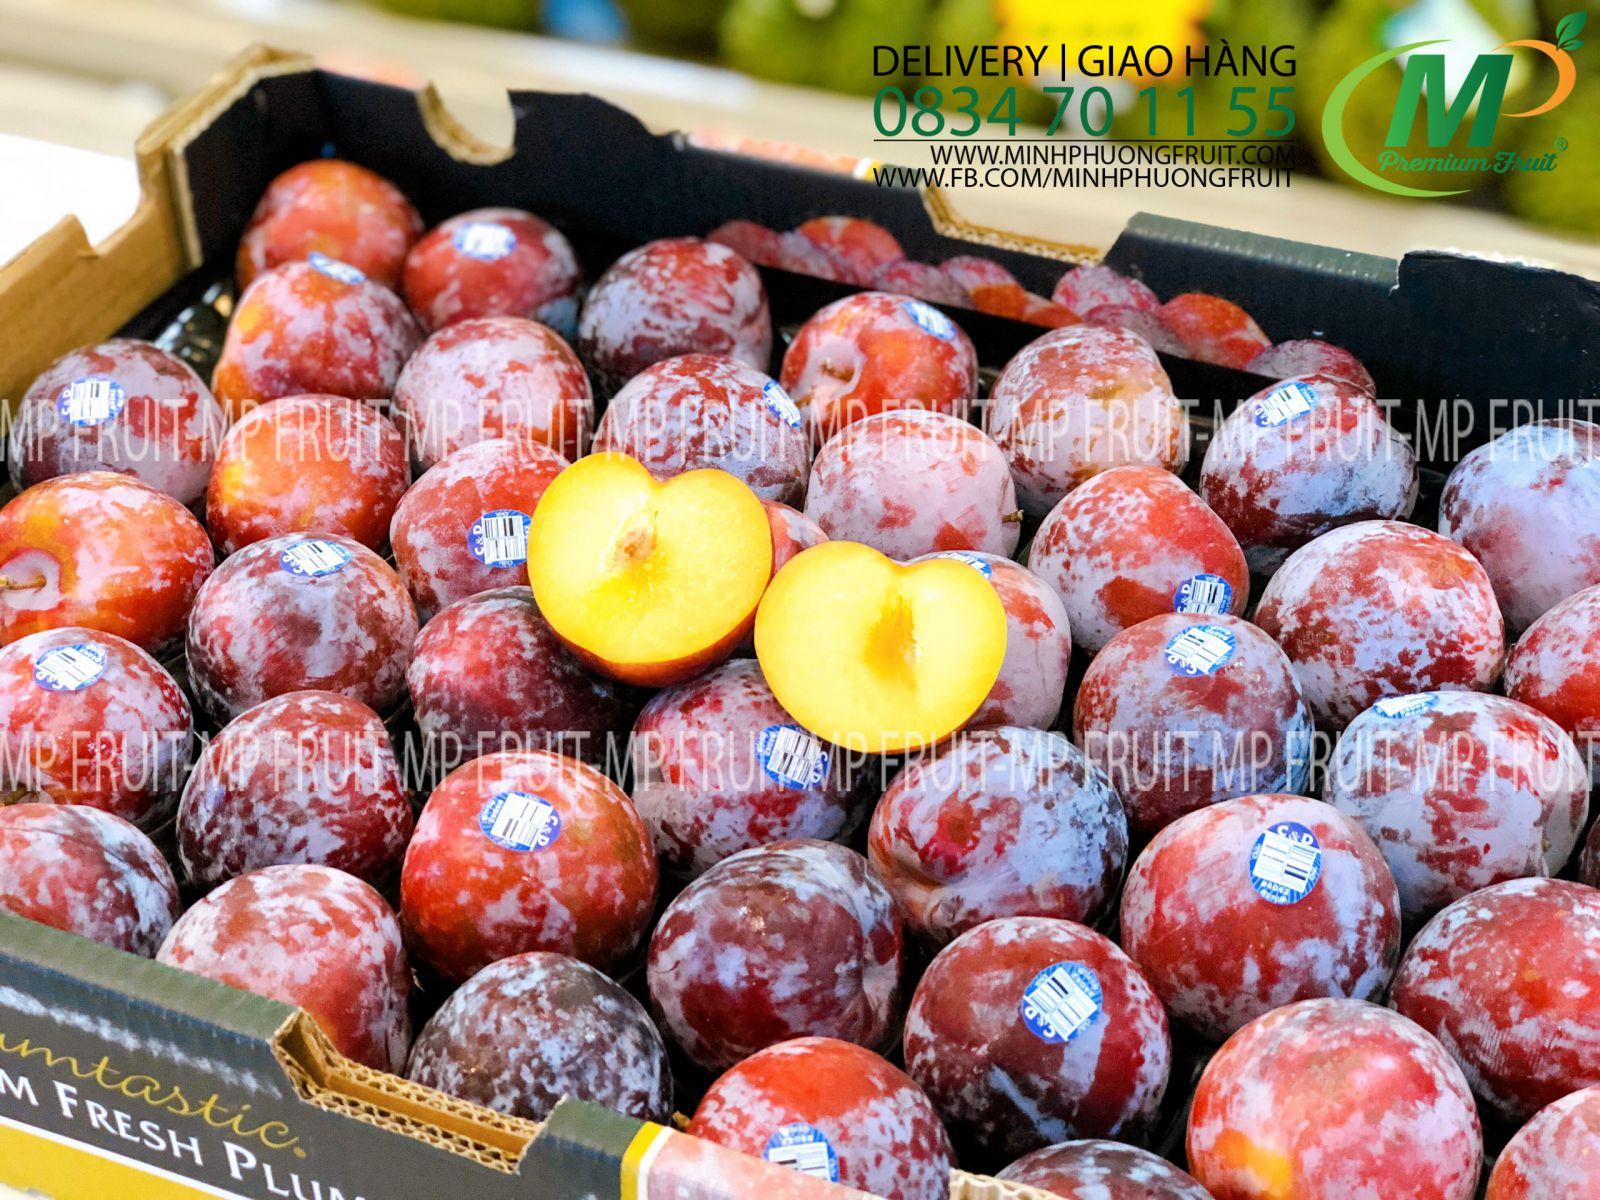 Mận Đỏ Chile tại MP Fruit